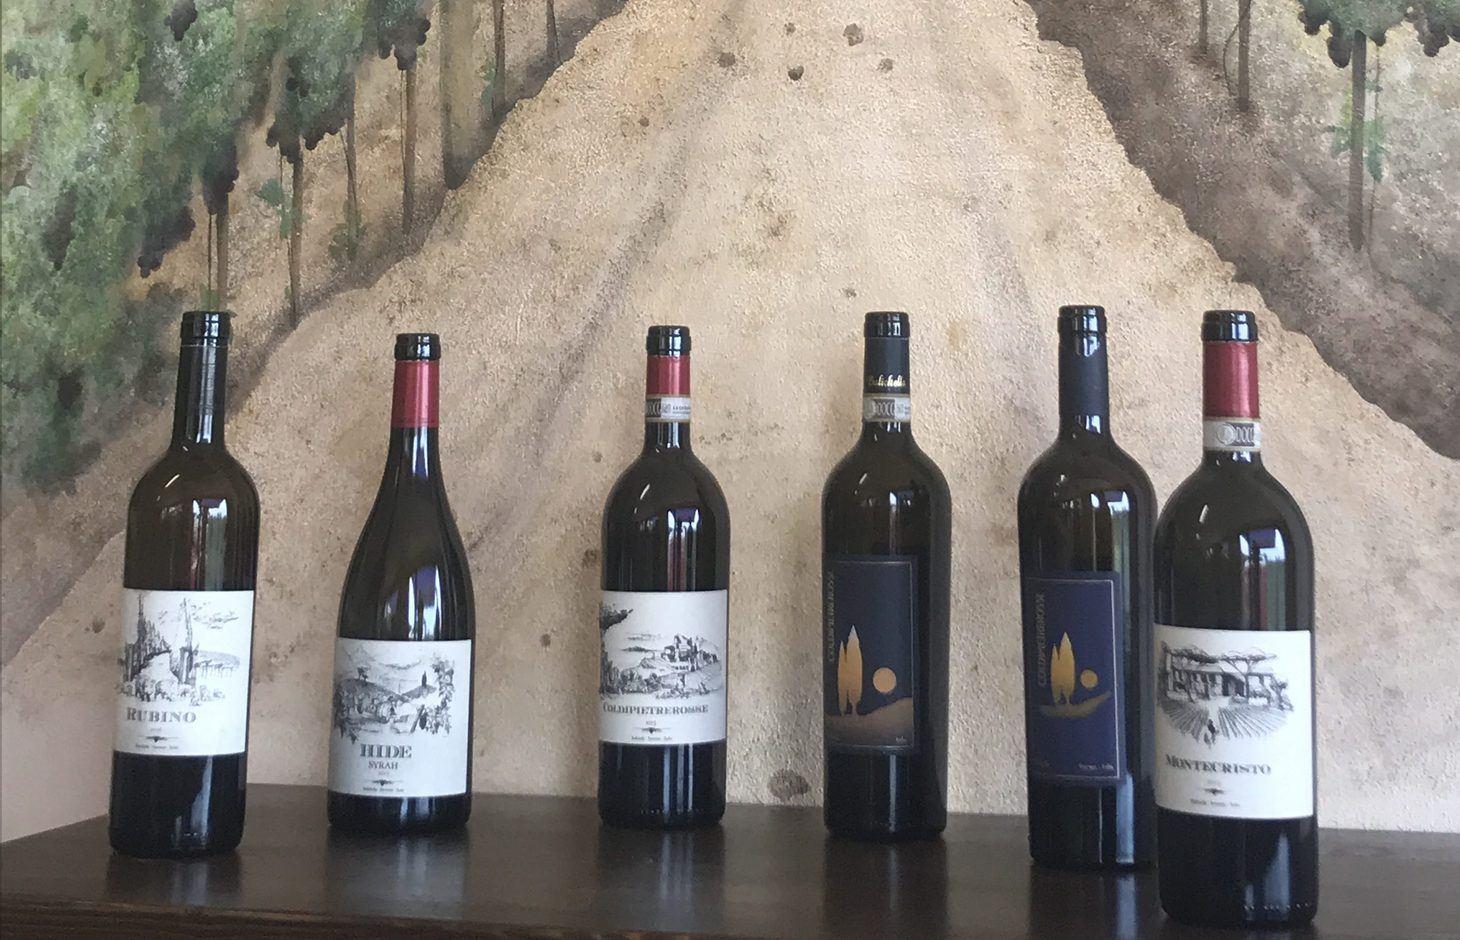 Bulichella vini